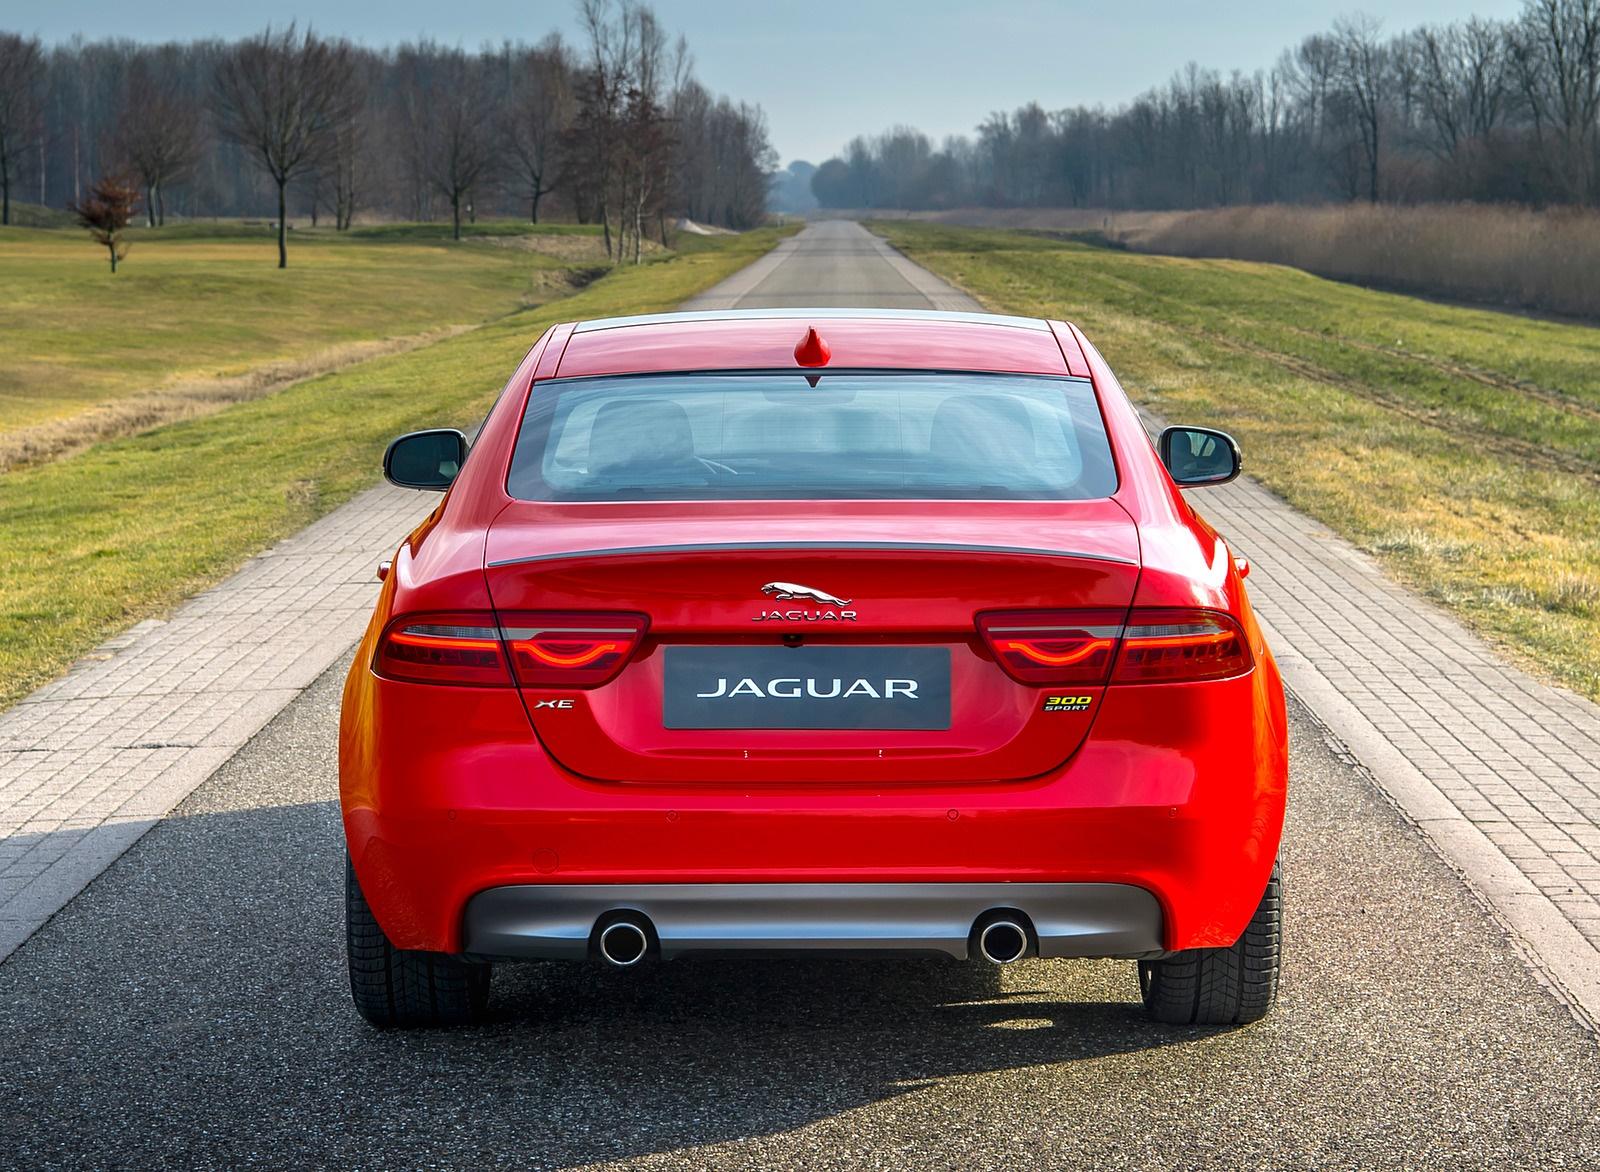 2019 Jaguar XE 300 SPORT Rear Wallpaper (7)